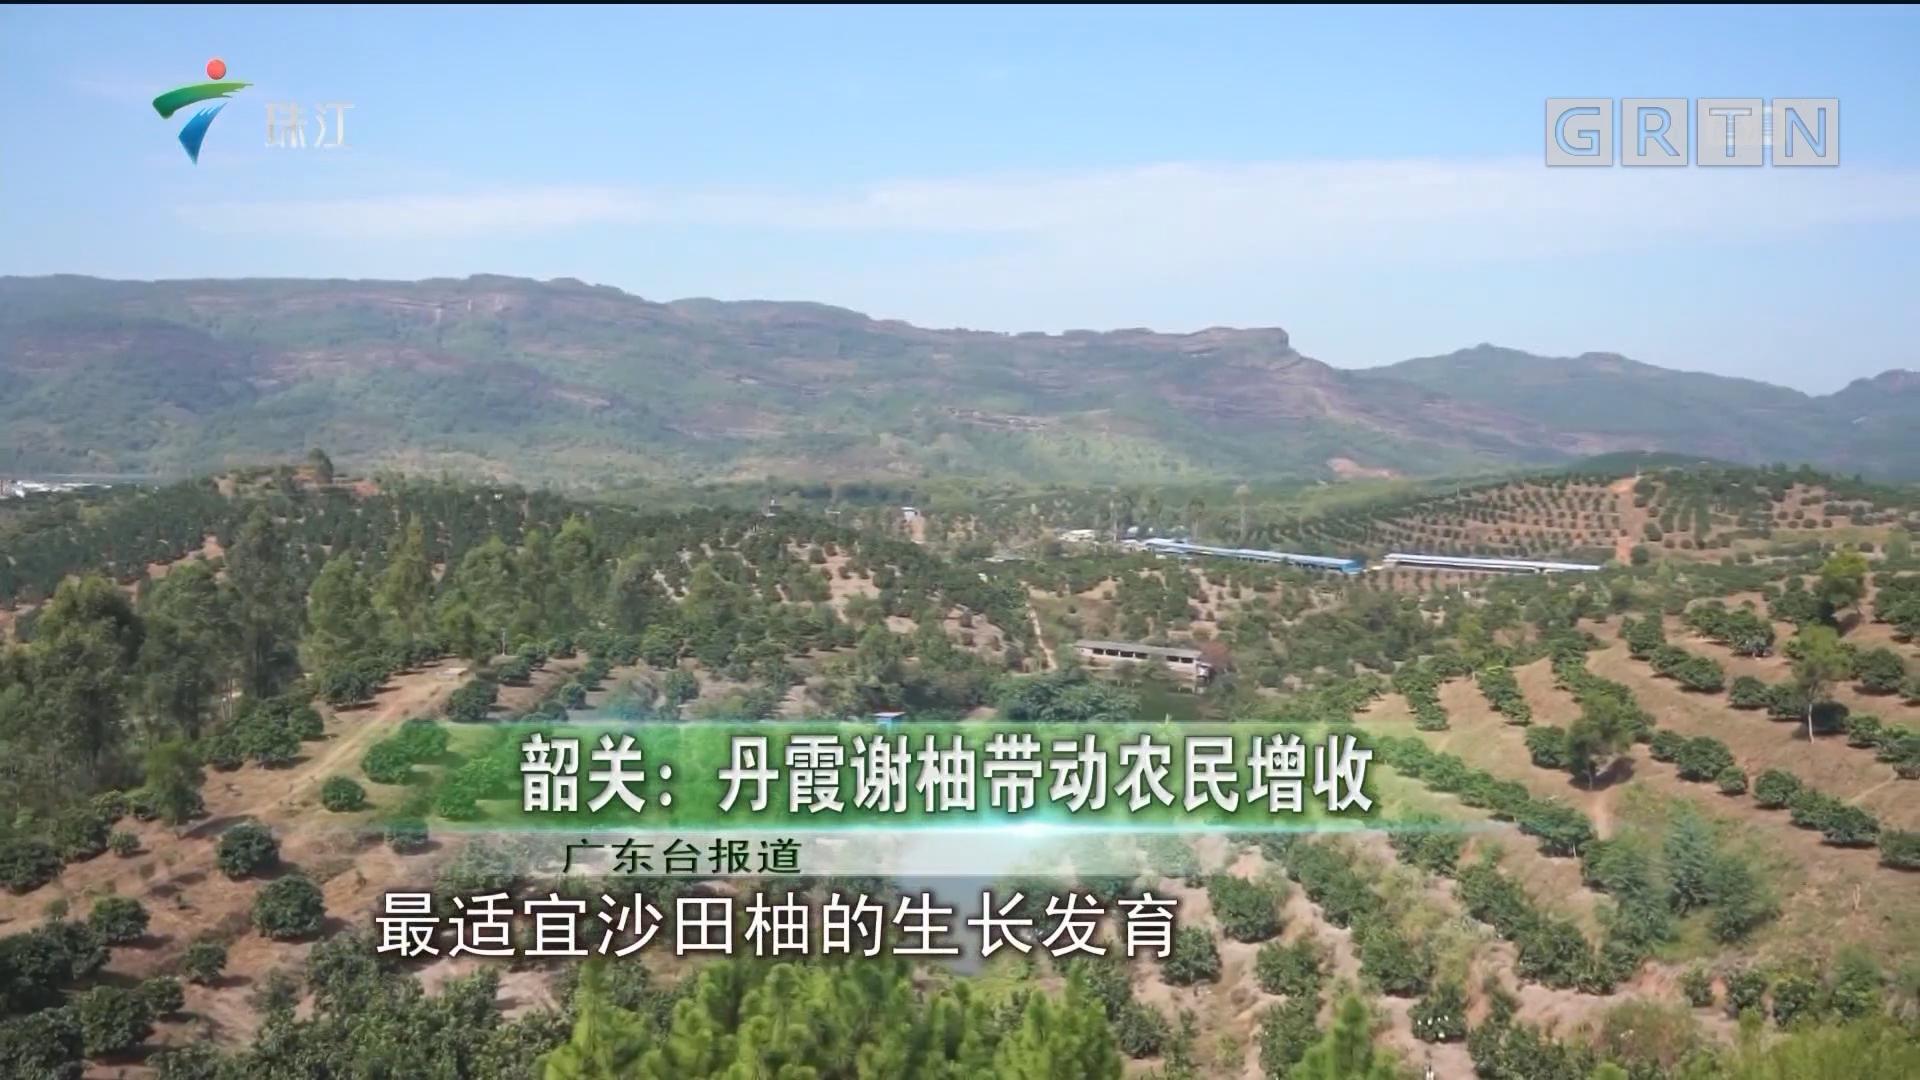 韶关:丹霞谢柚带动农民增收